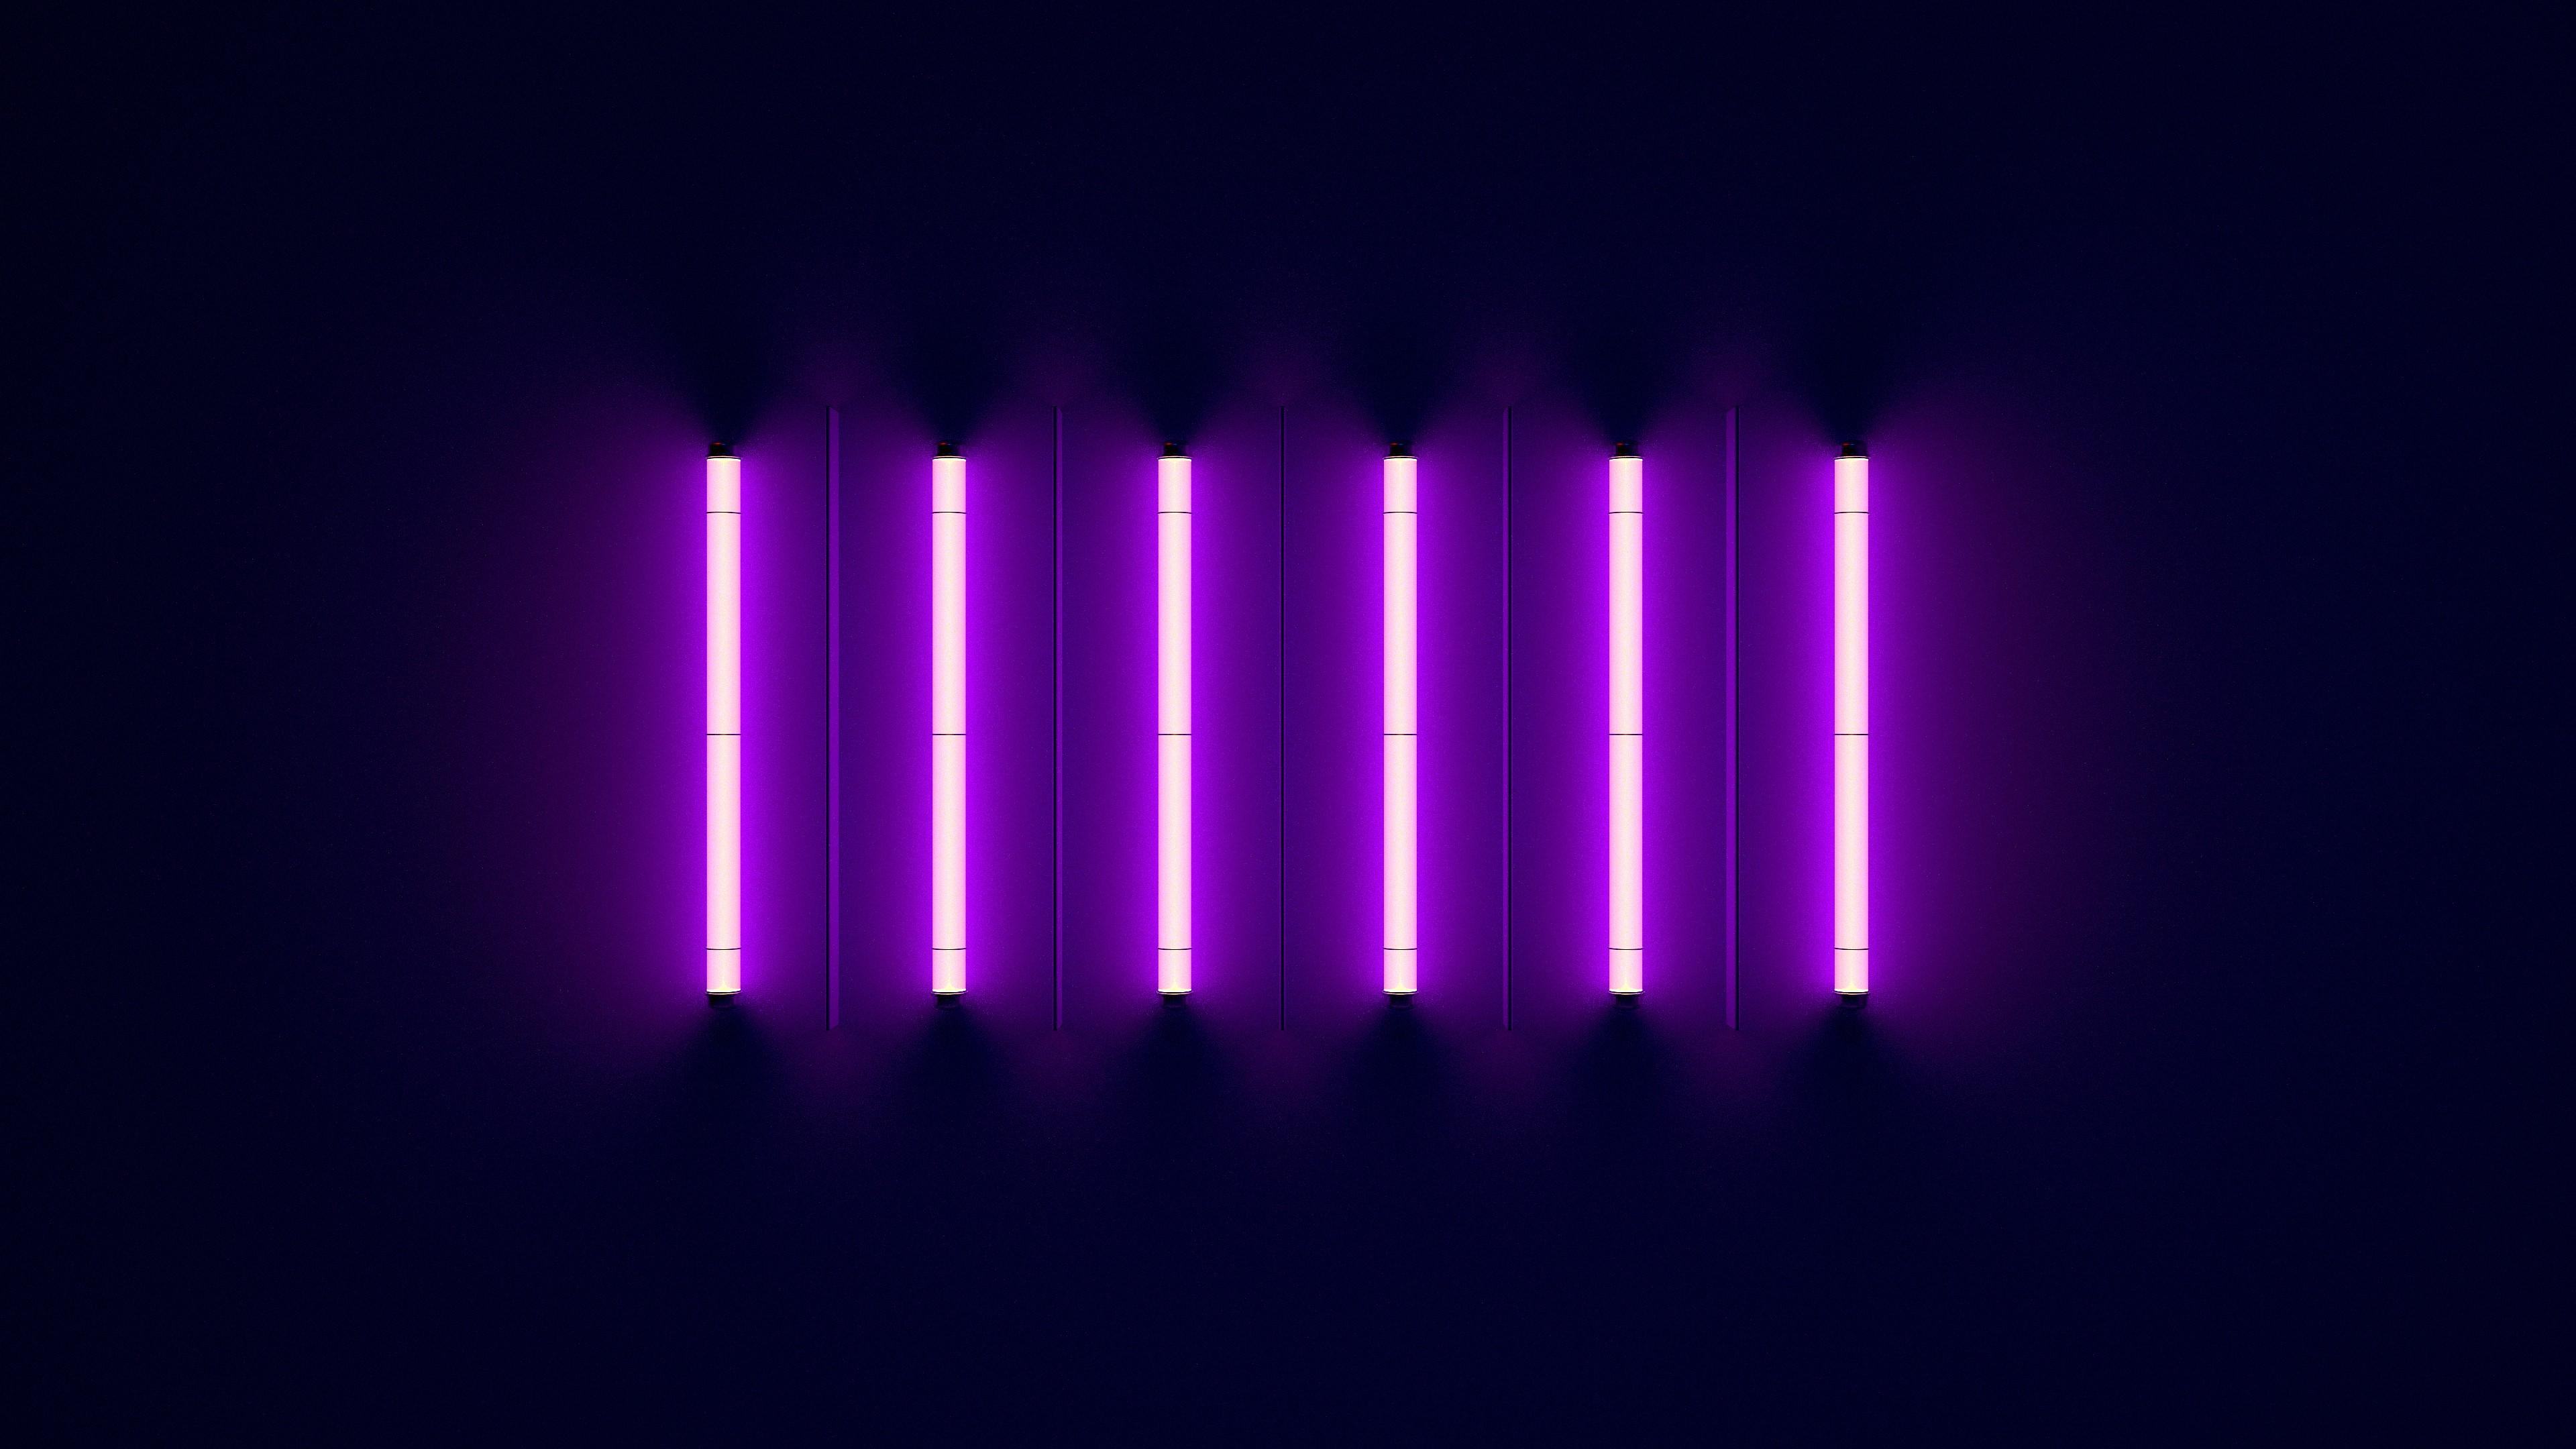 Windows Wallpaper Fall Purple Neon Lights 4k Wallpapers Hd Wallpapers Id 27611